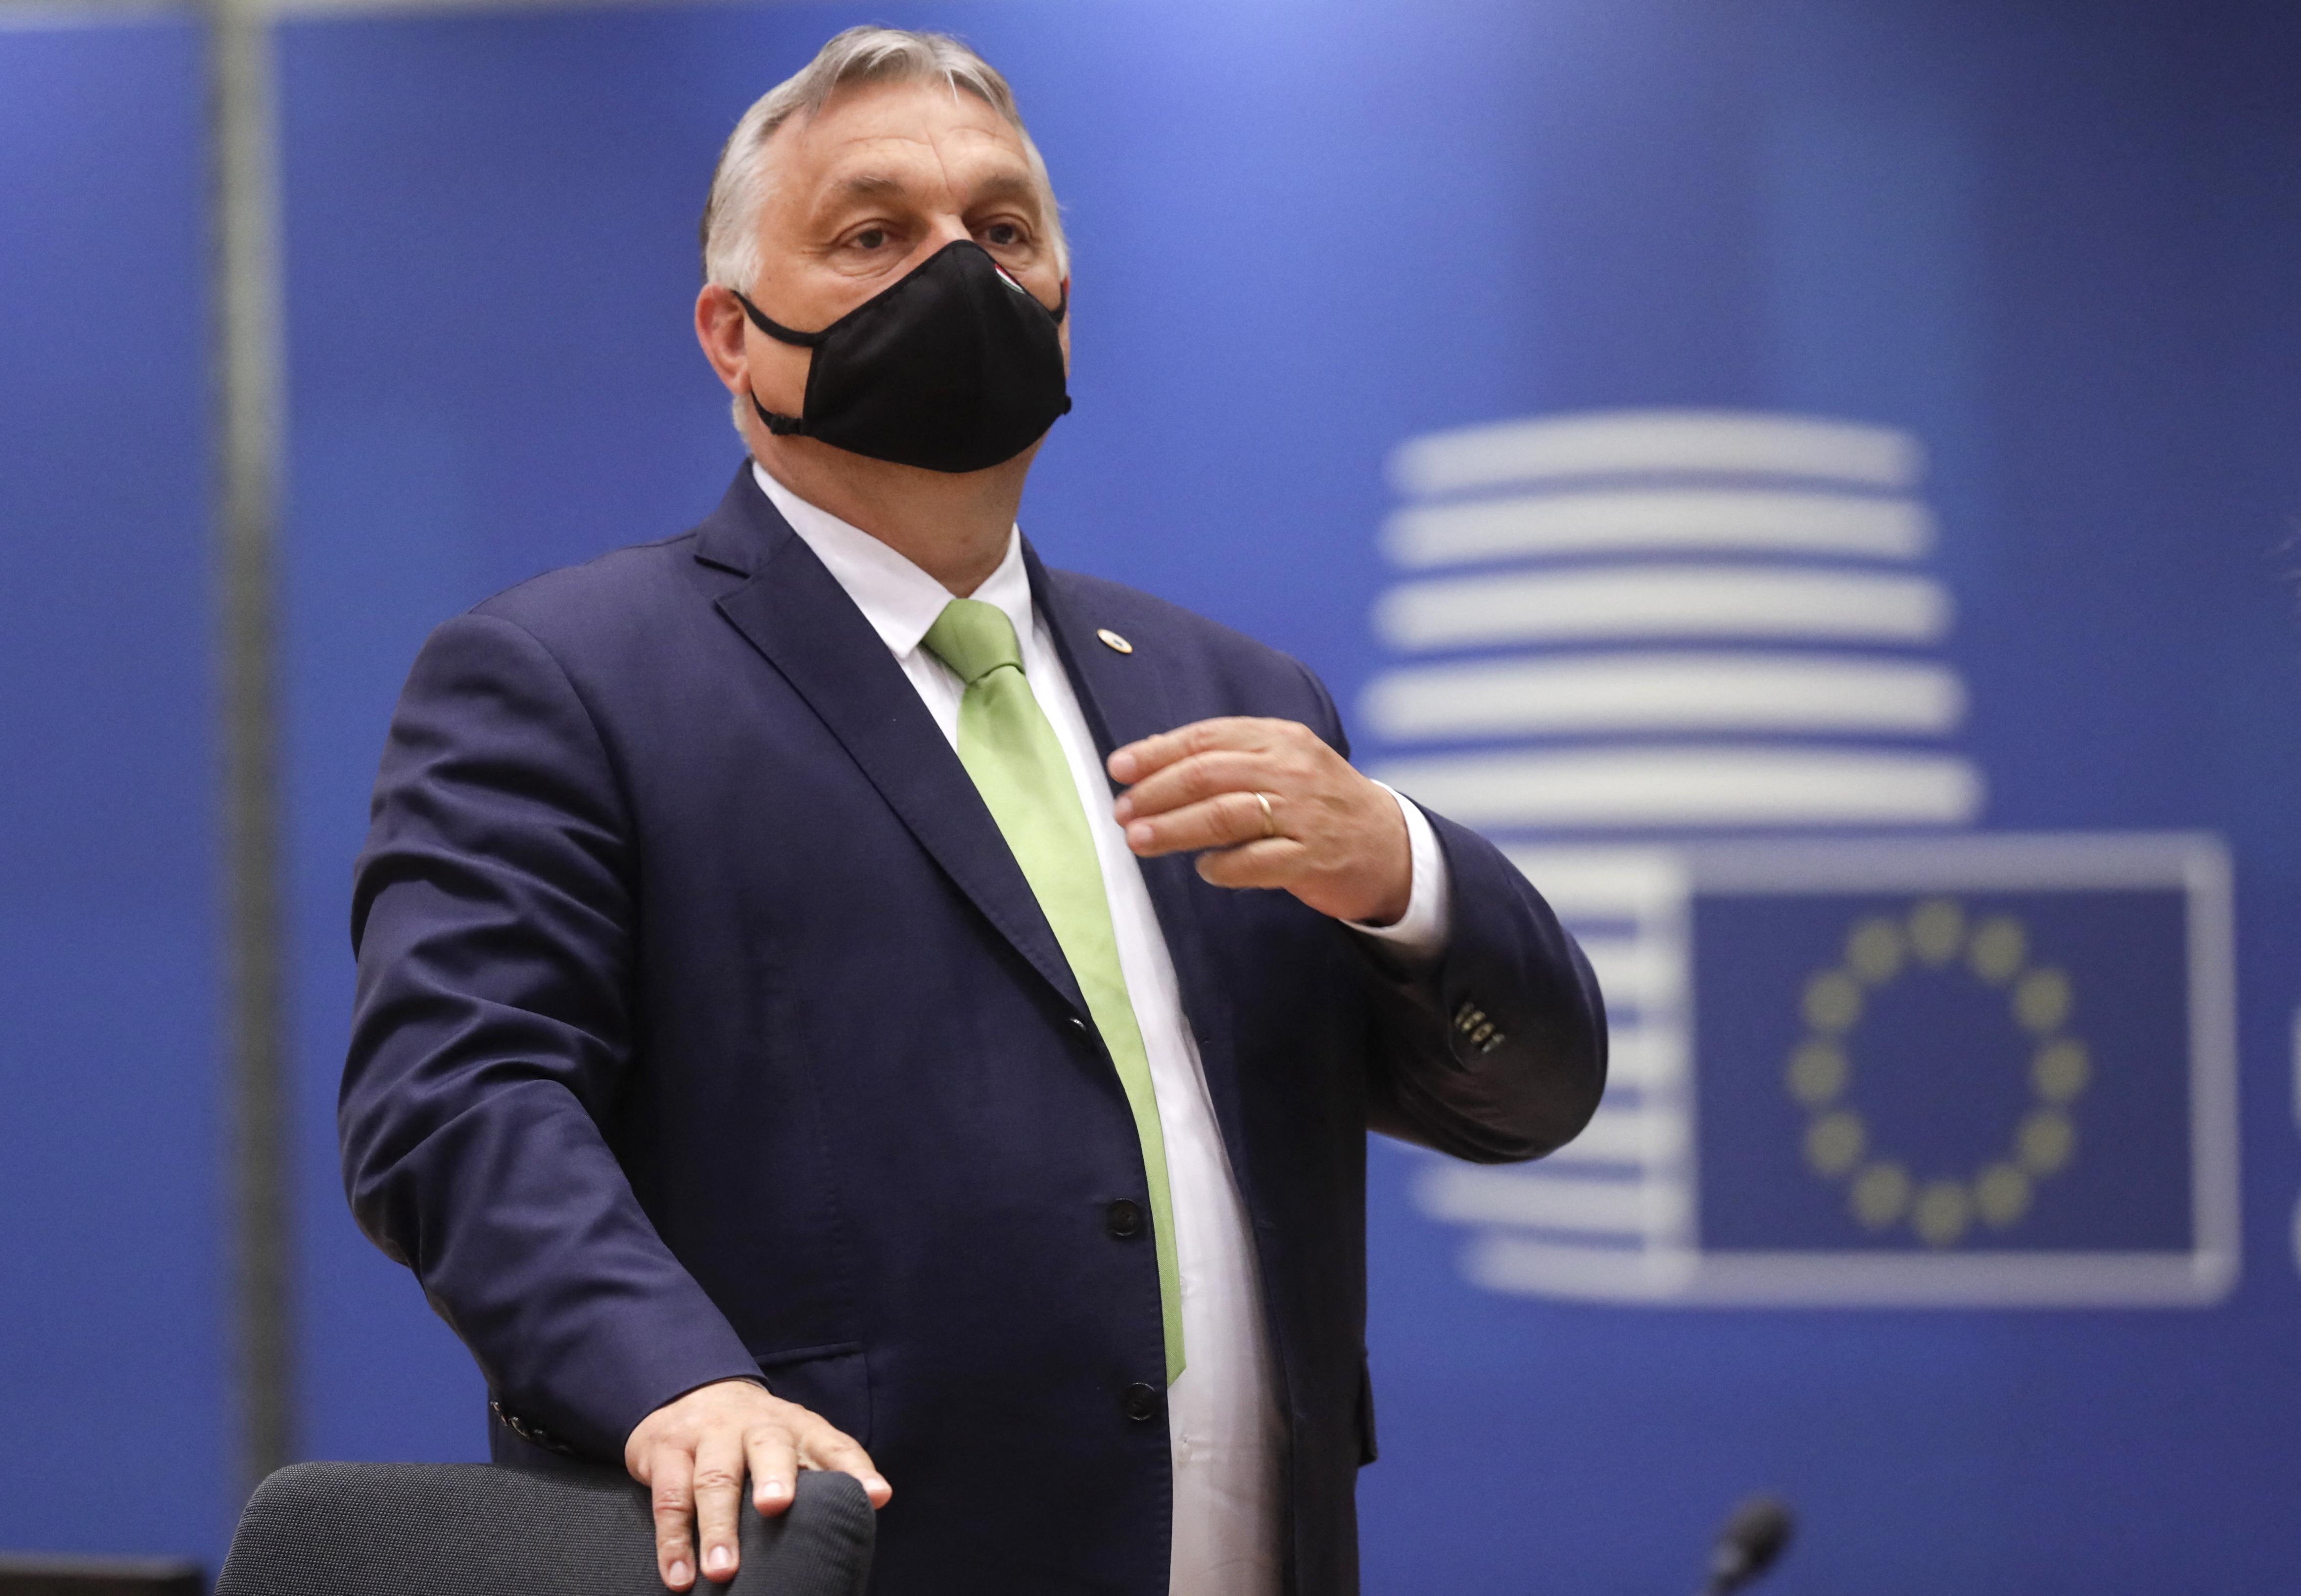 Több EU-s kormányfő az unióból való kilépést ajánlotta Orbánnak a homofób törvény miatt